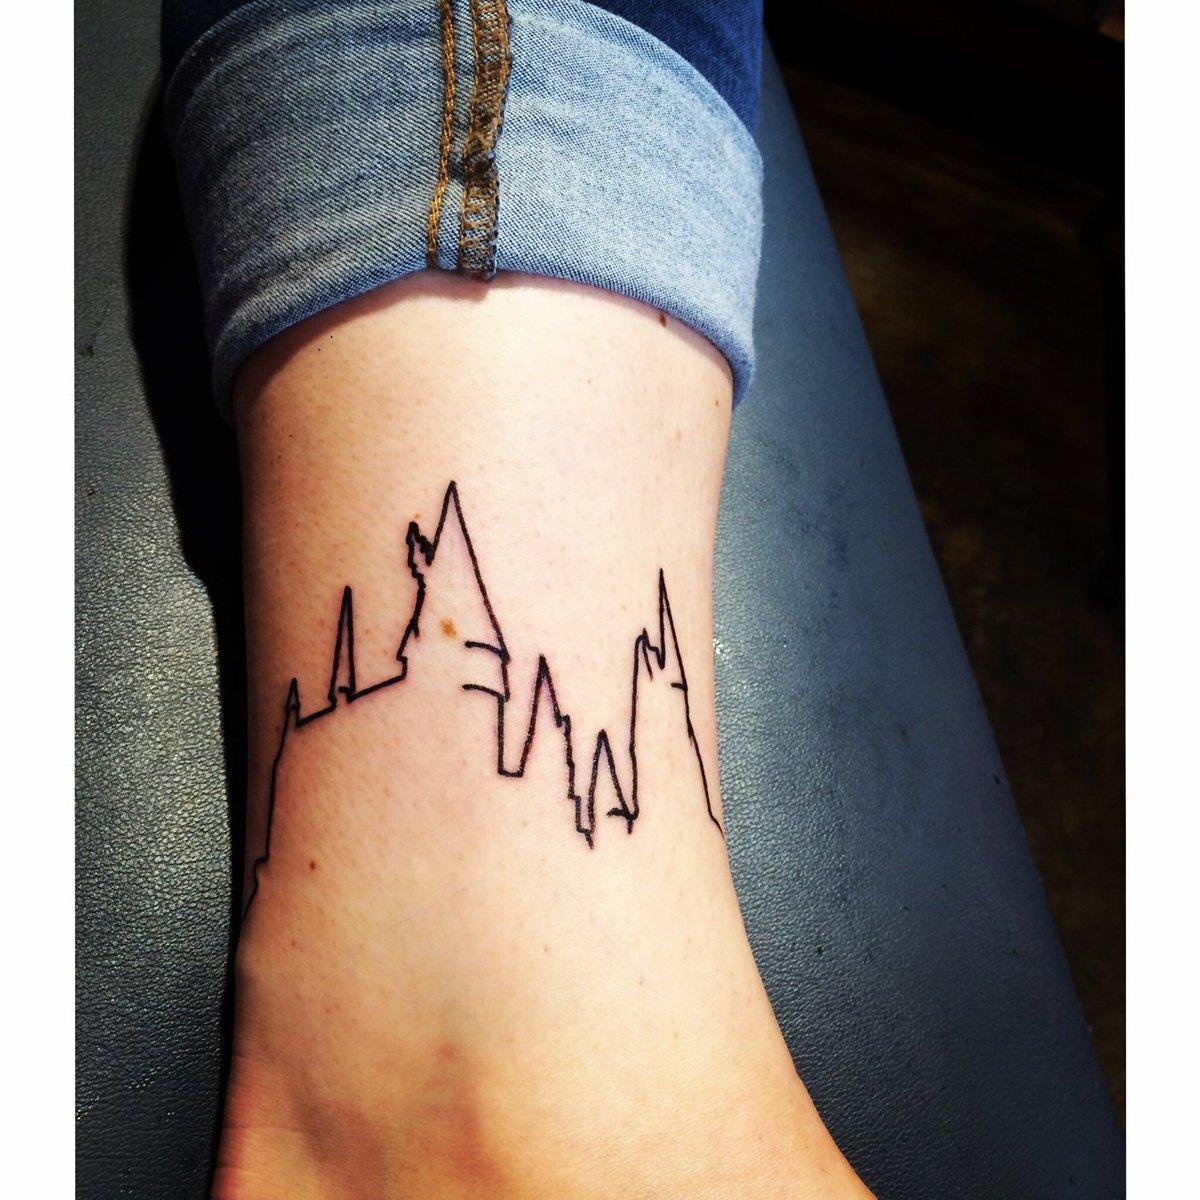 Citas Harry Potter On Twitter Cuatro Pequeños Tatuajes Con Un Gran